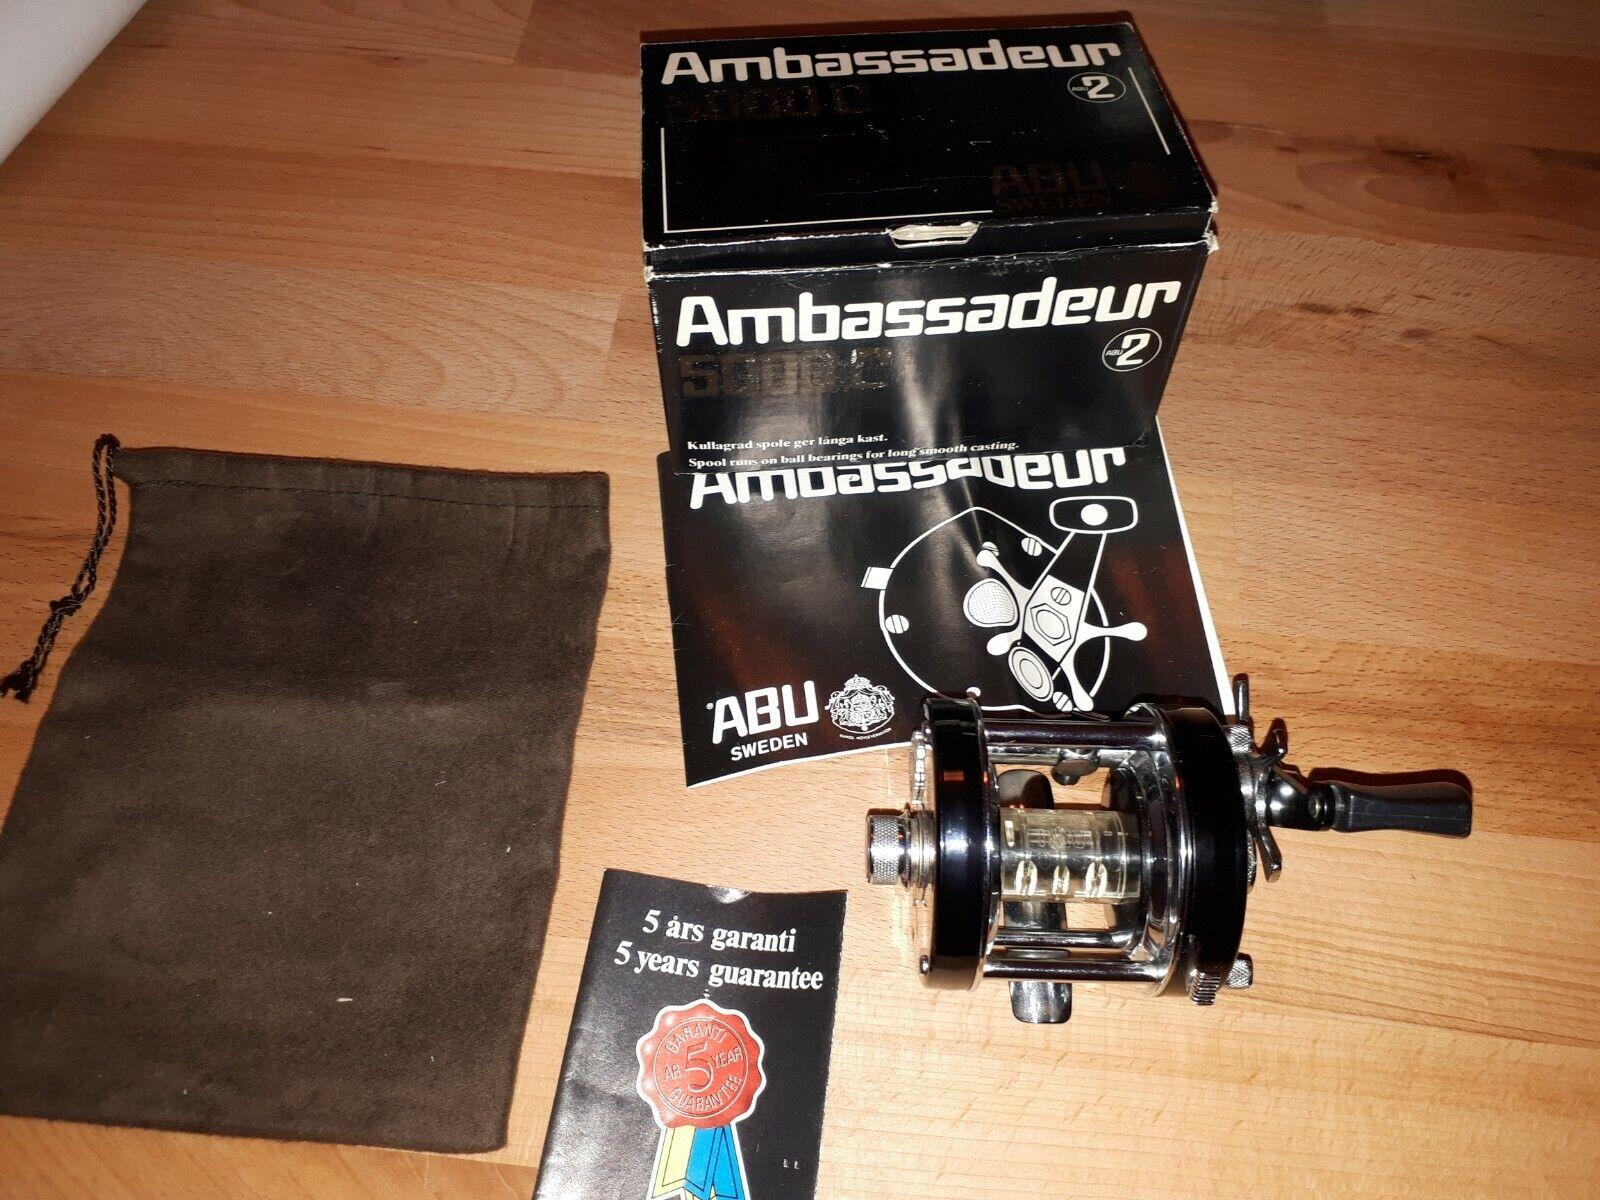 Abu Ambassadeur 5000C NO 741003 mit Box und Papiere new